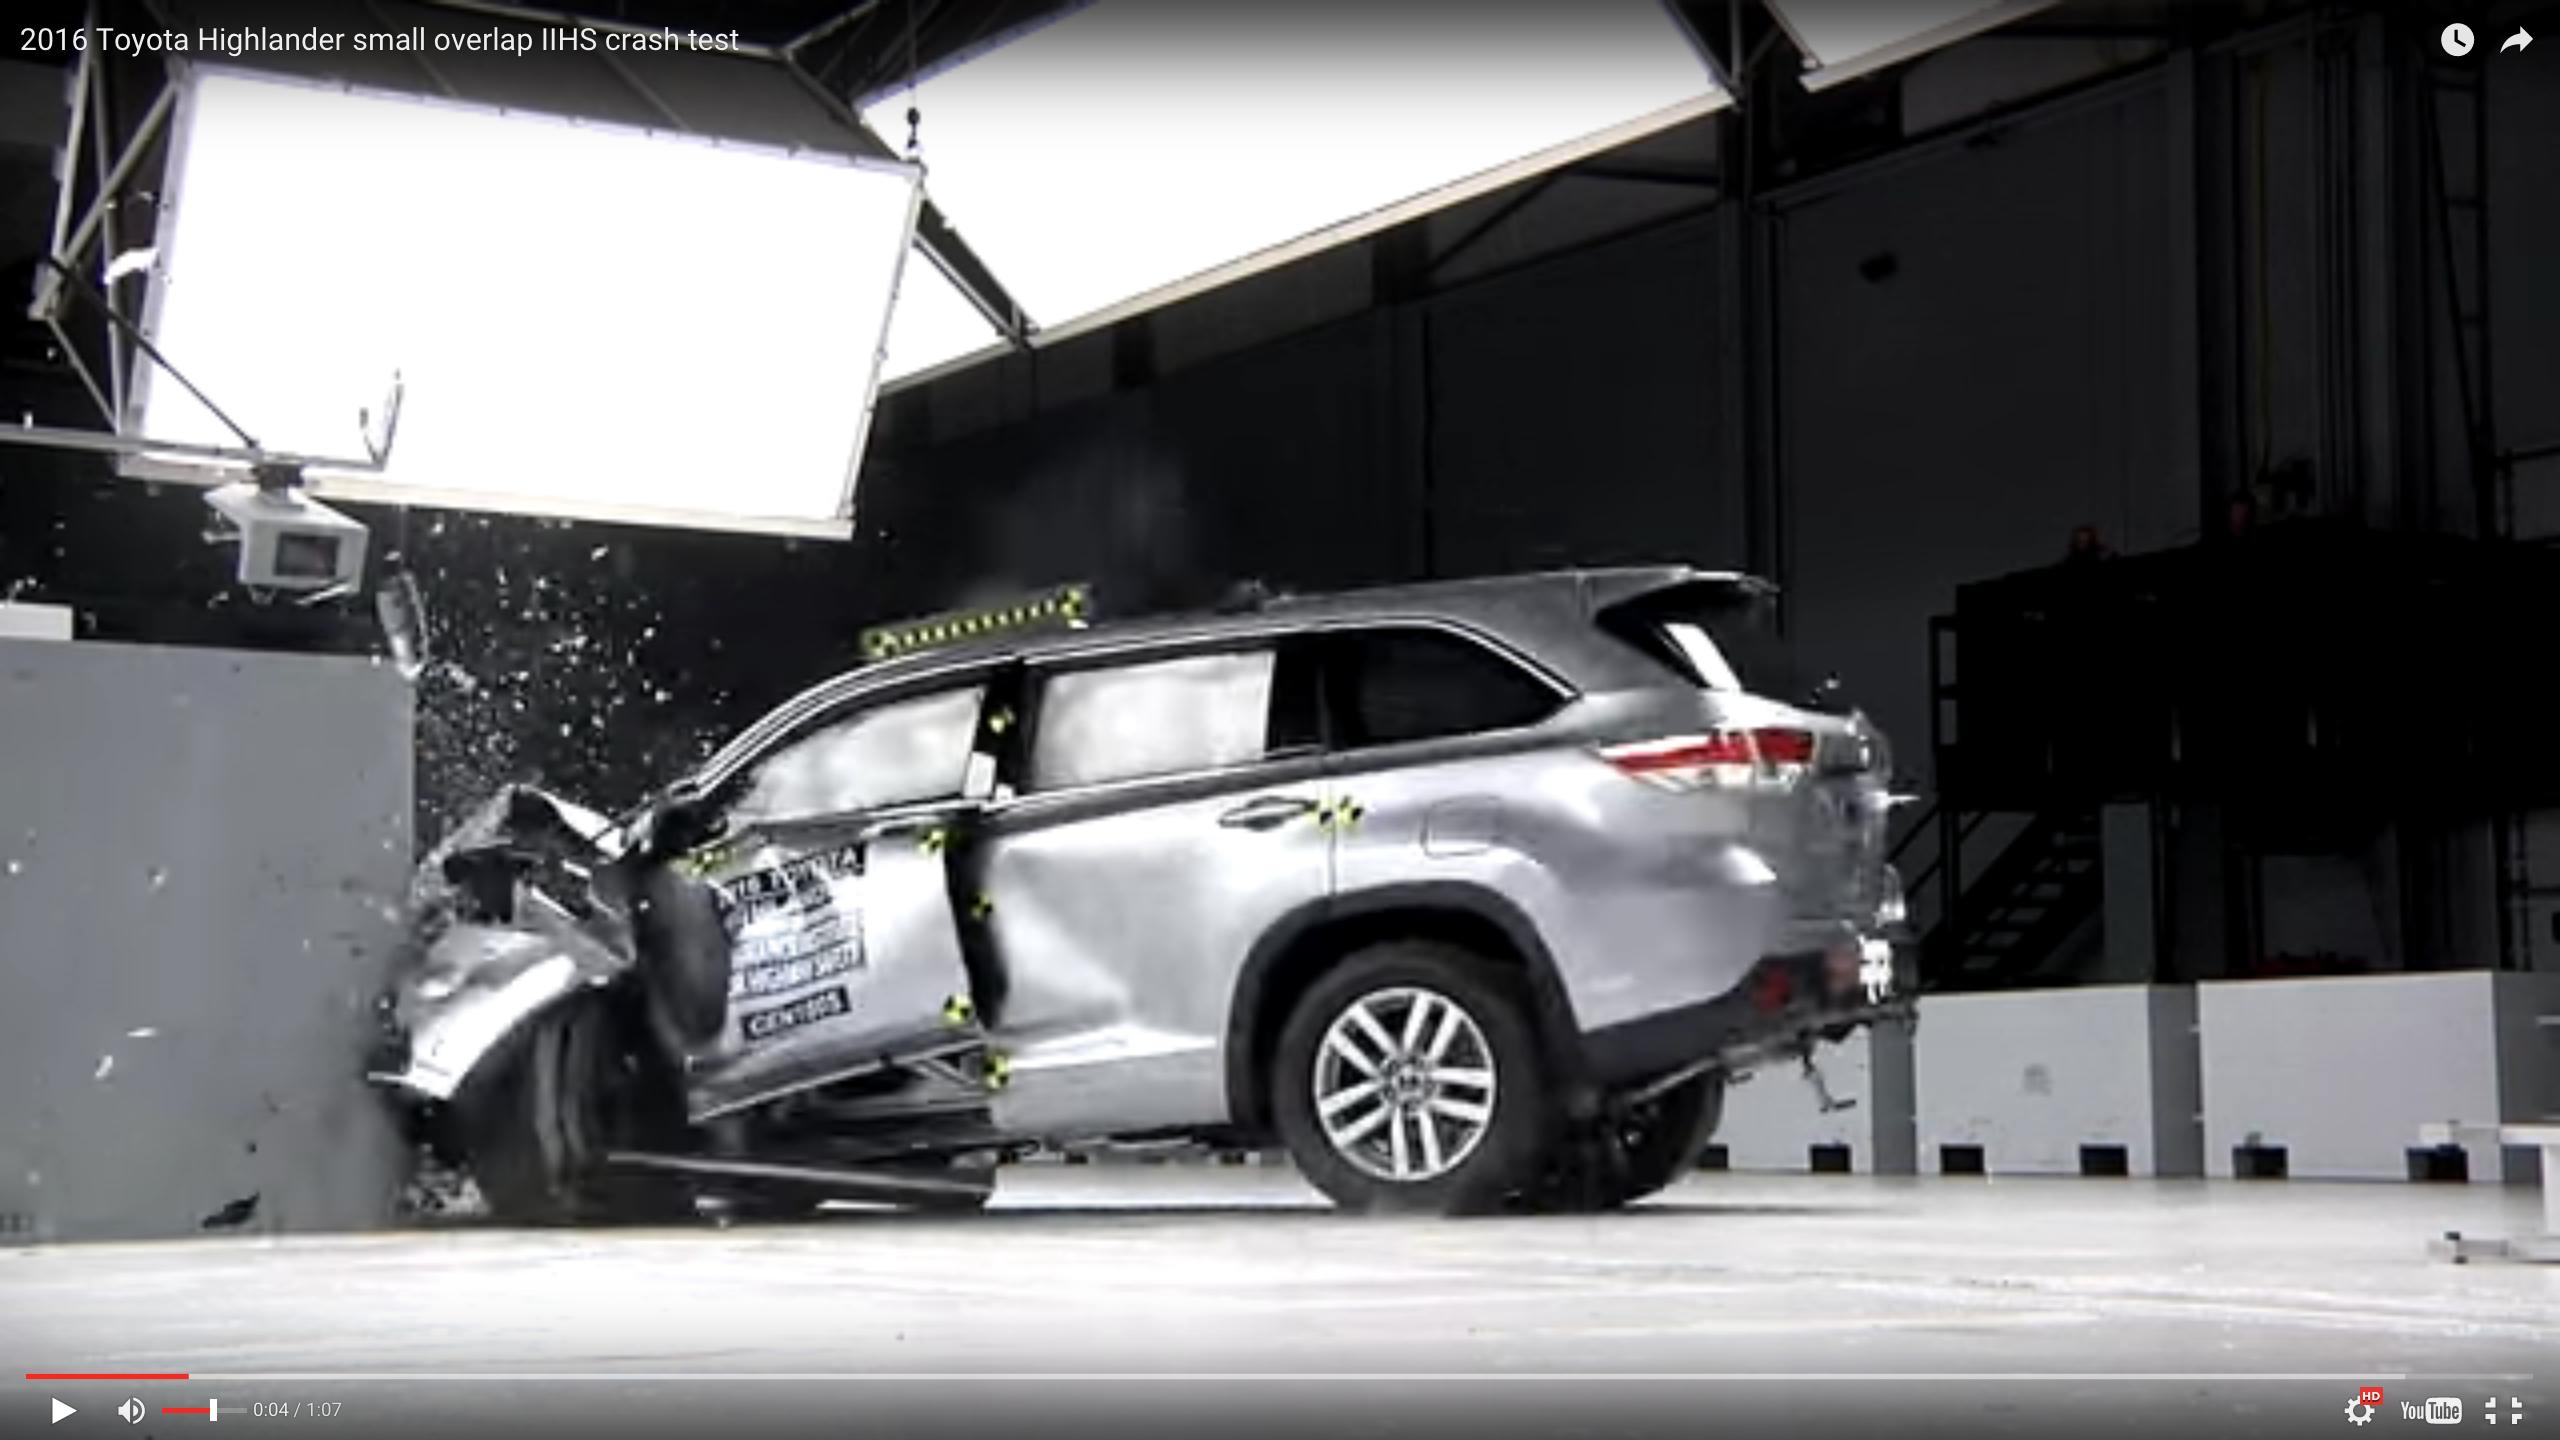 Video: Toyota Highlander Captures Top Safety Award